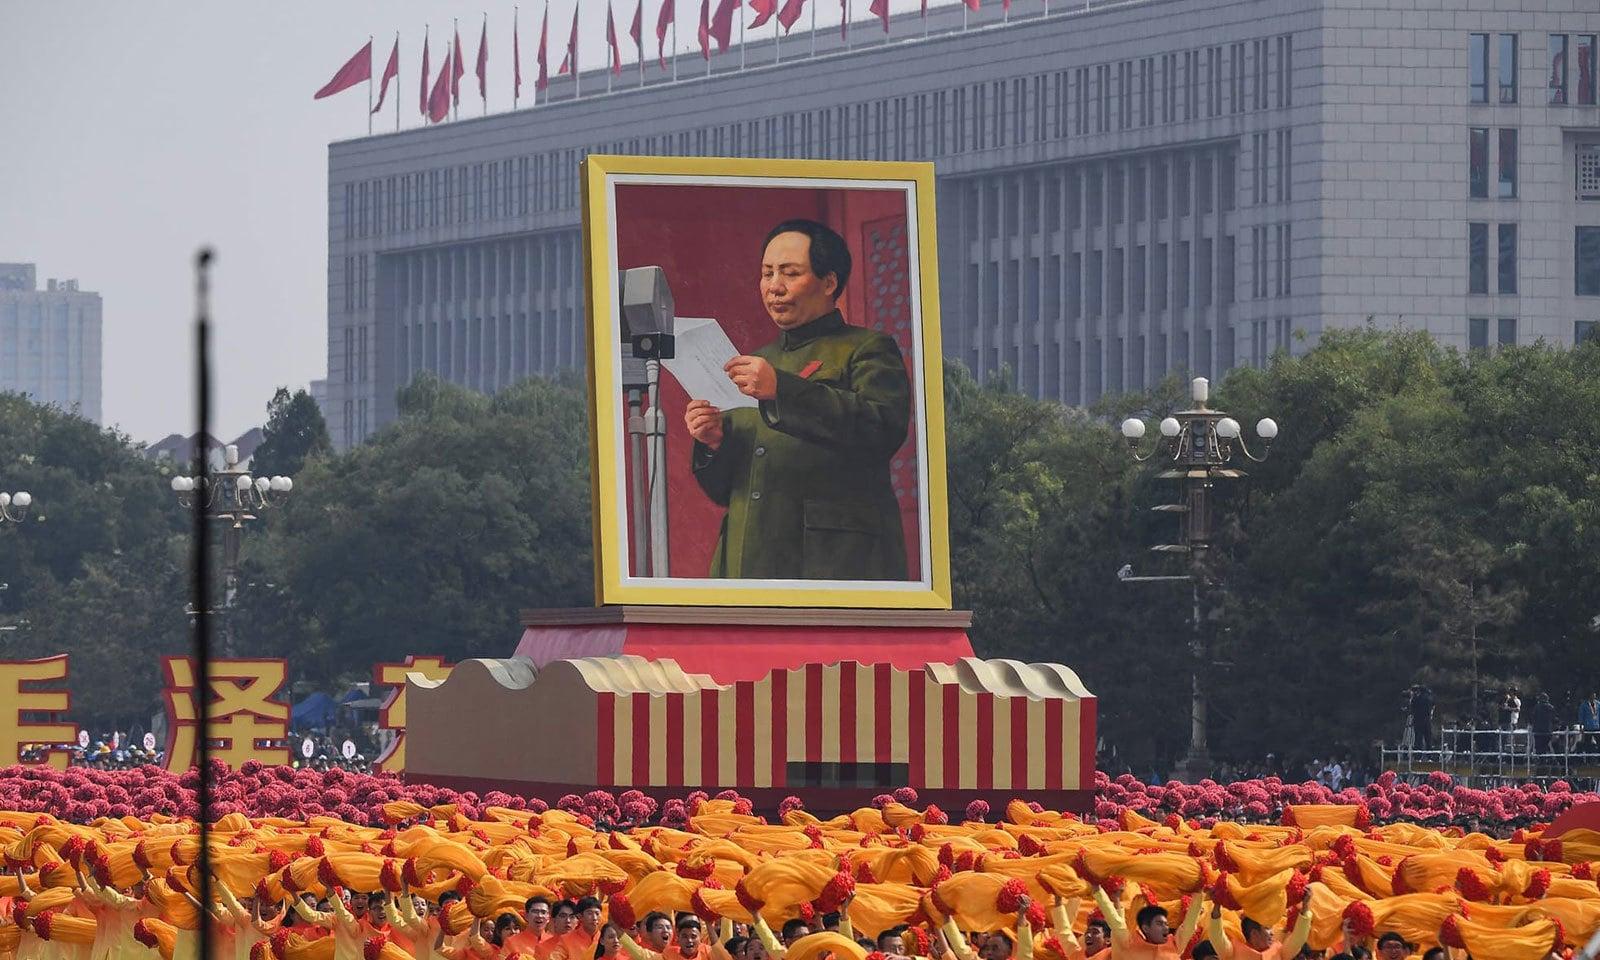 چین کے یوم آزادی کی تقریب کے دوران تیانامن اسکوائر سے کمیونسٹ پارٹی کے سابق سربراہ ماؤ زے تنگ کی تصویر لے جائی جارہی ہے فوٹو: اے ایف پی